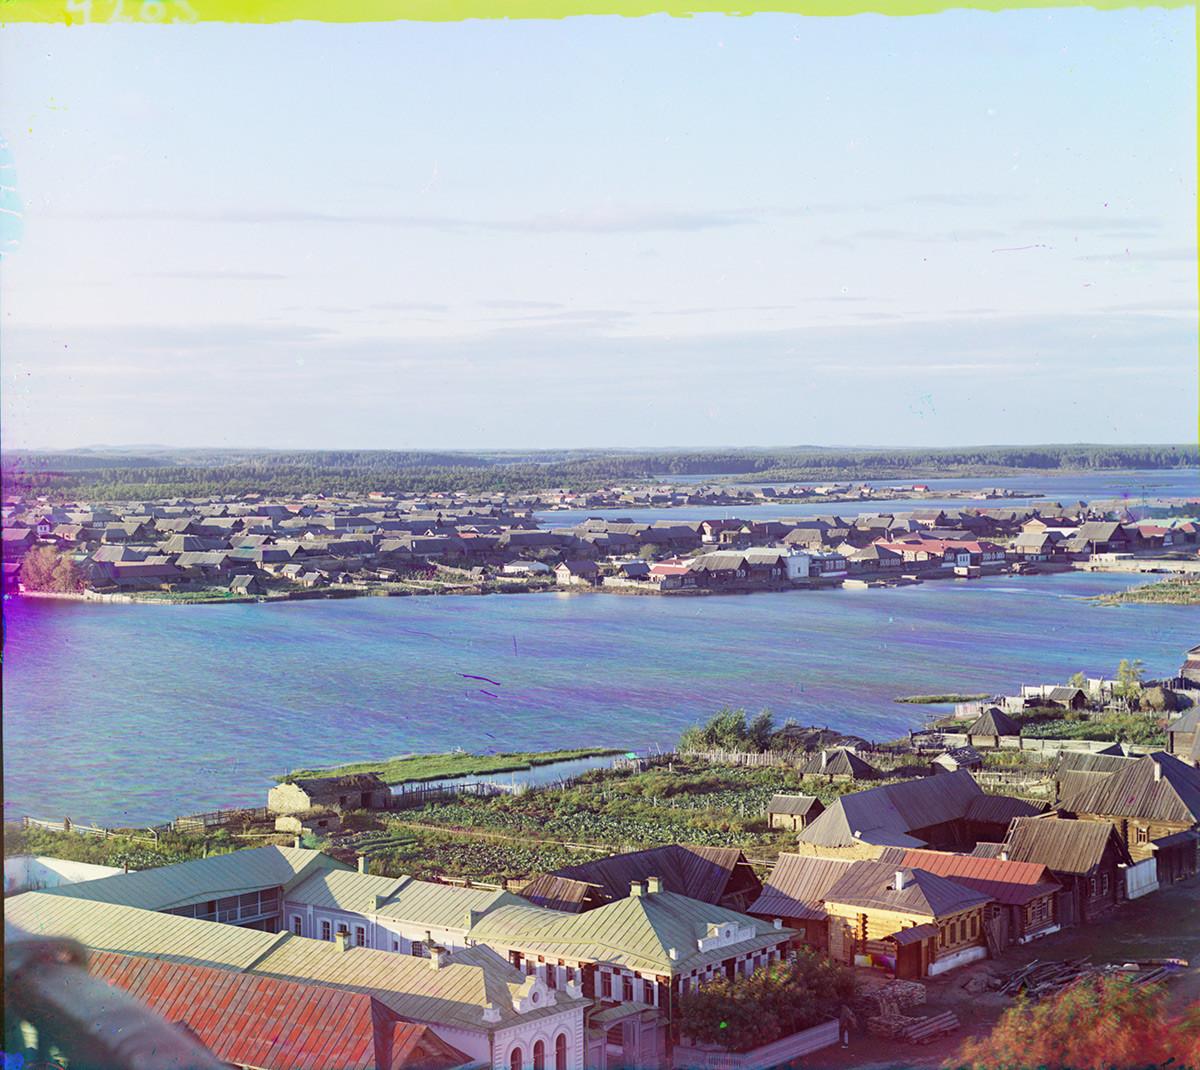 Kasli. Pogled na severozahod z tovarniškim ribnikom in jezerom Velike Kasli (v ozadju). Hiše z vrtnimi parcelami. Poletje 1909